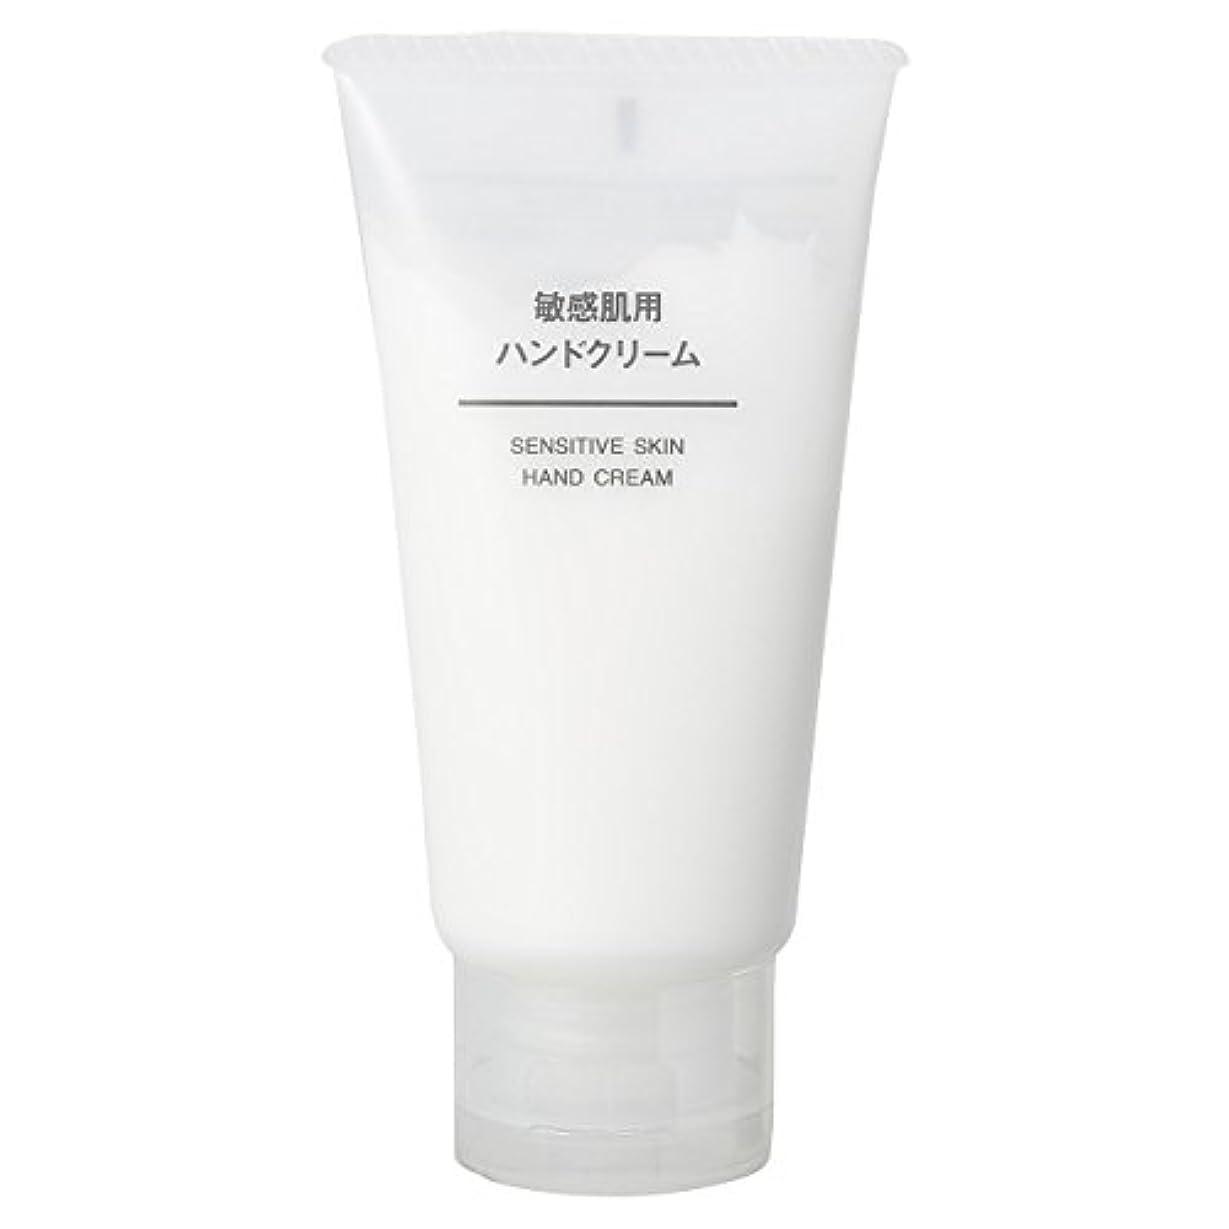 過剰根拠狂う無印良品 敏感肌用 ハンドクリーム 50g 日本製